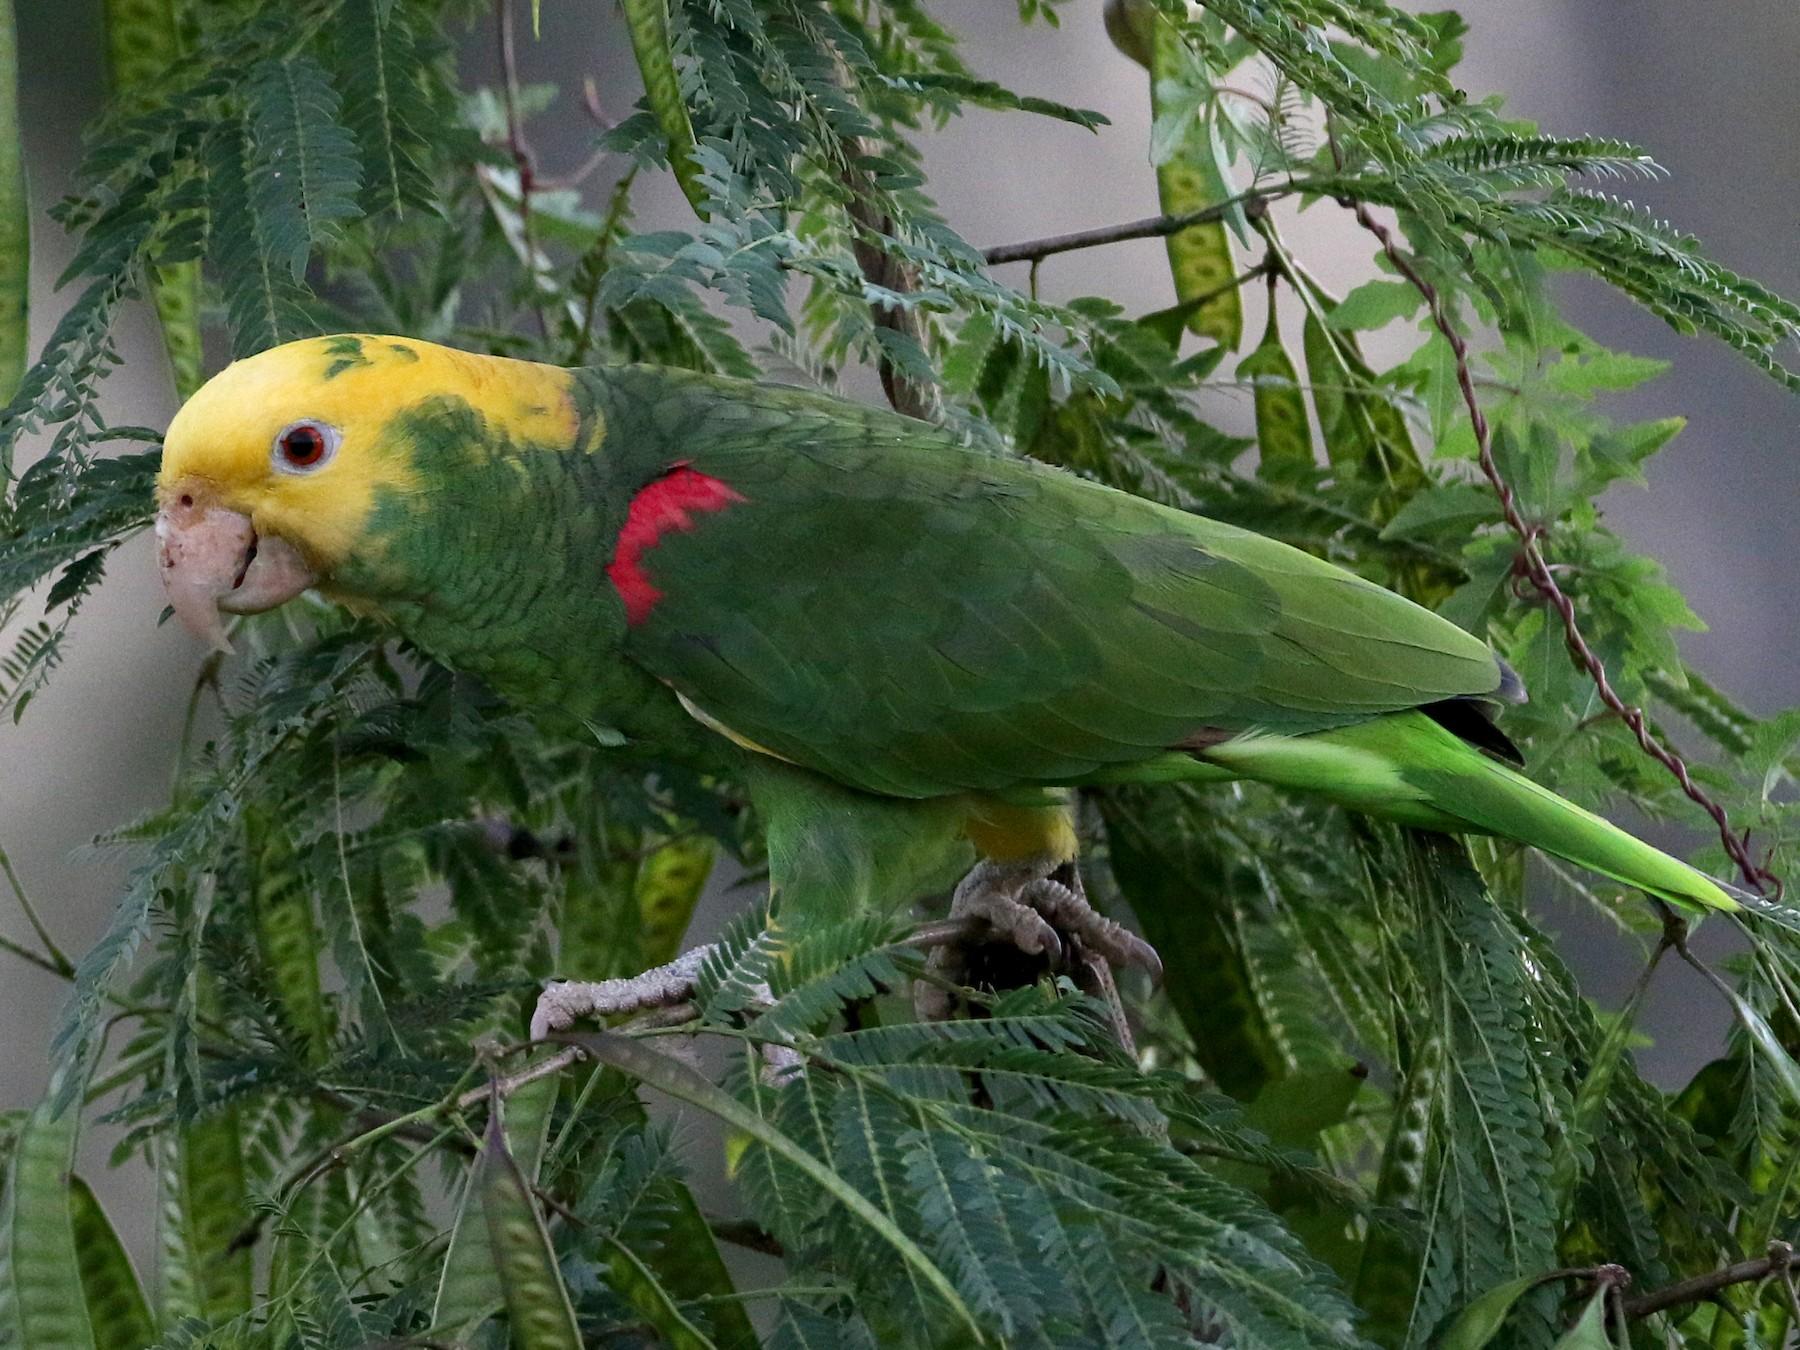 Yellow-headed Parrot - Jay McGowan